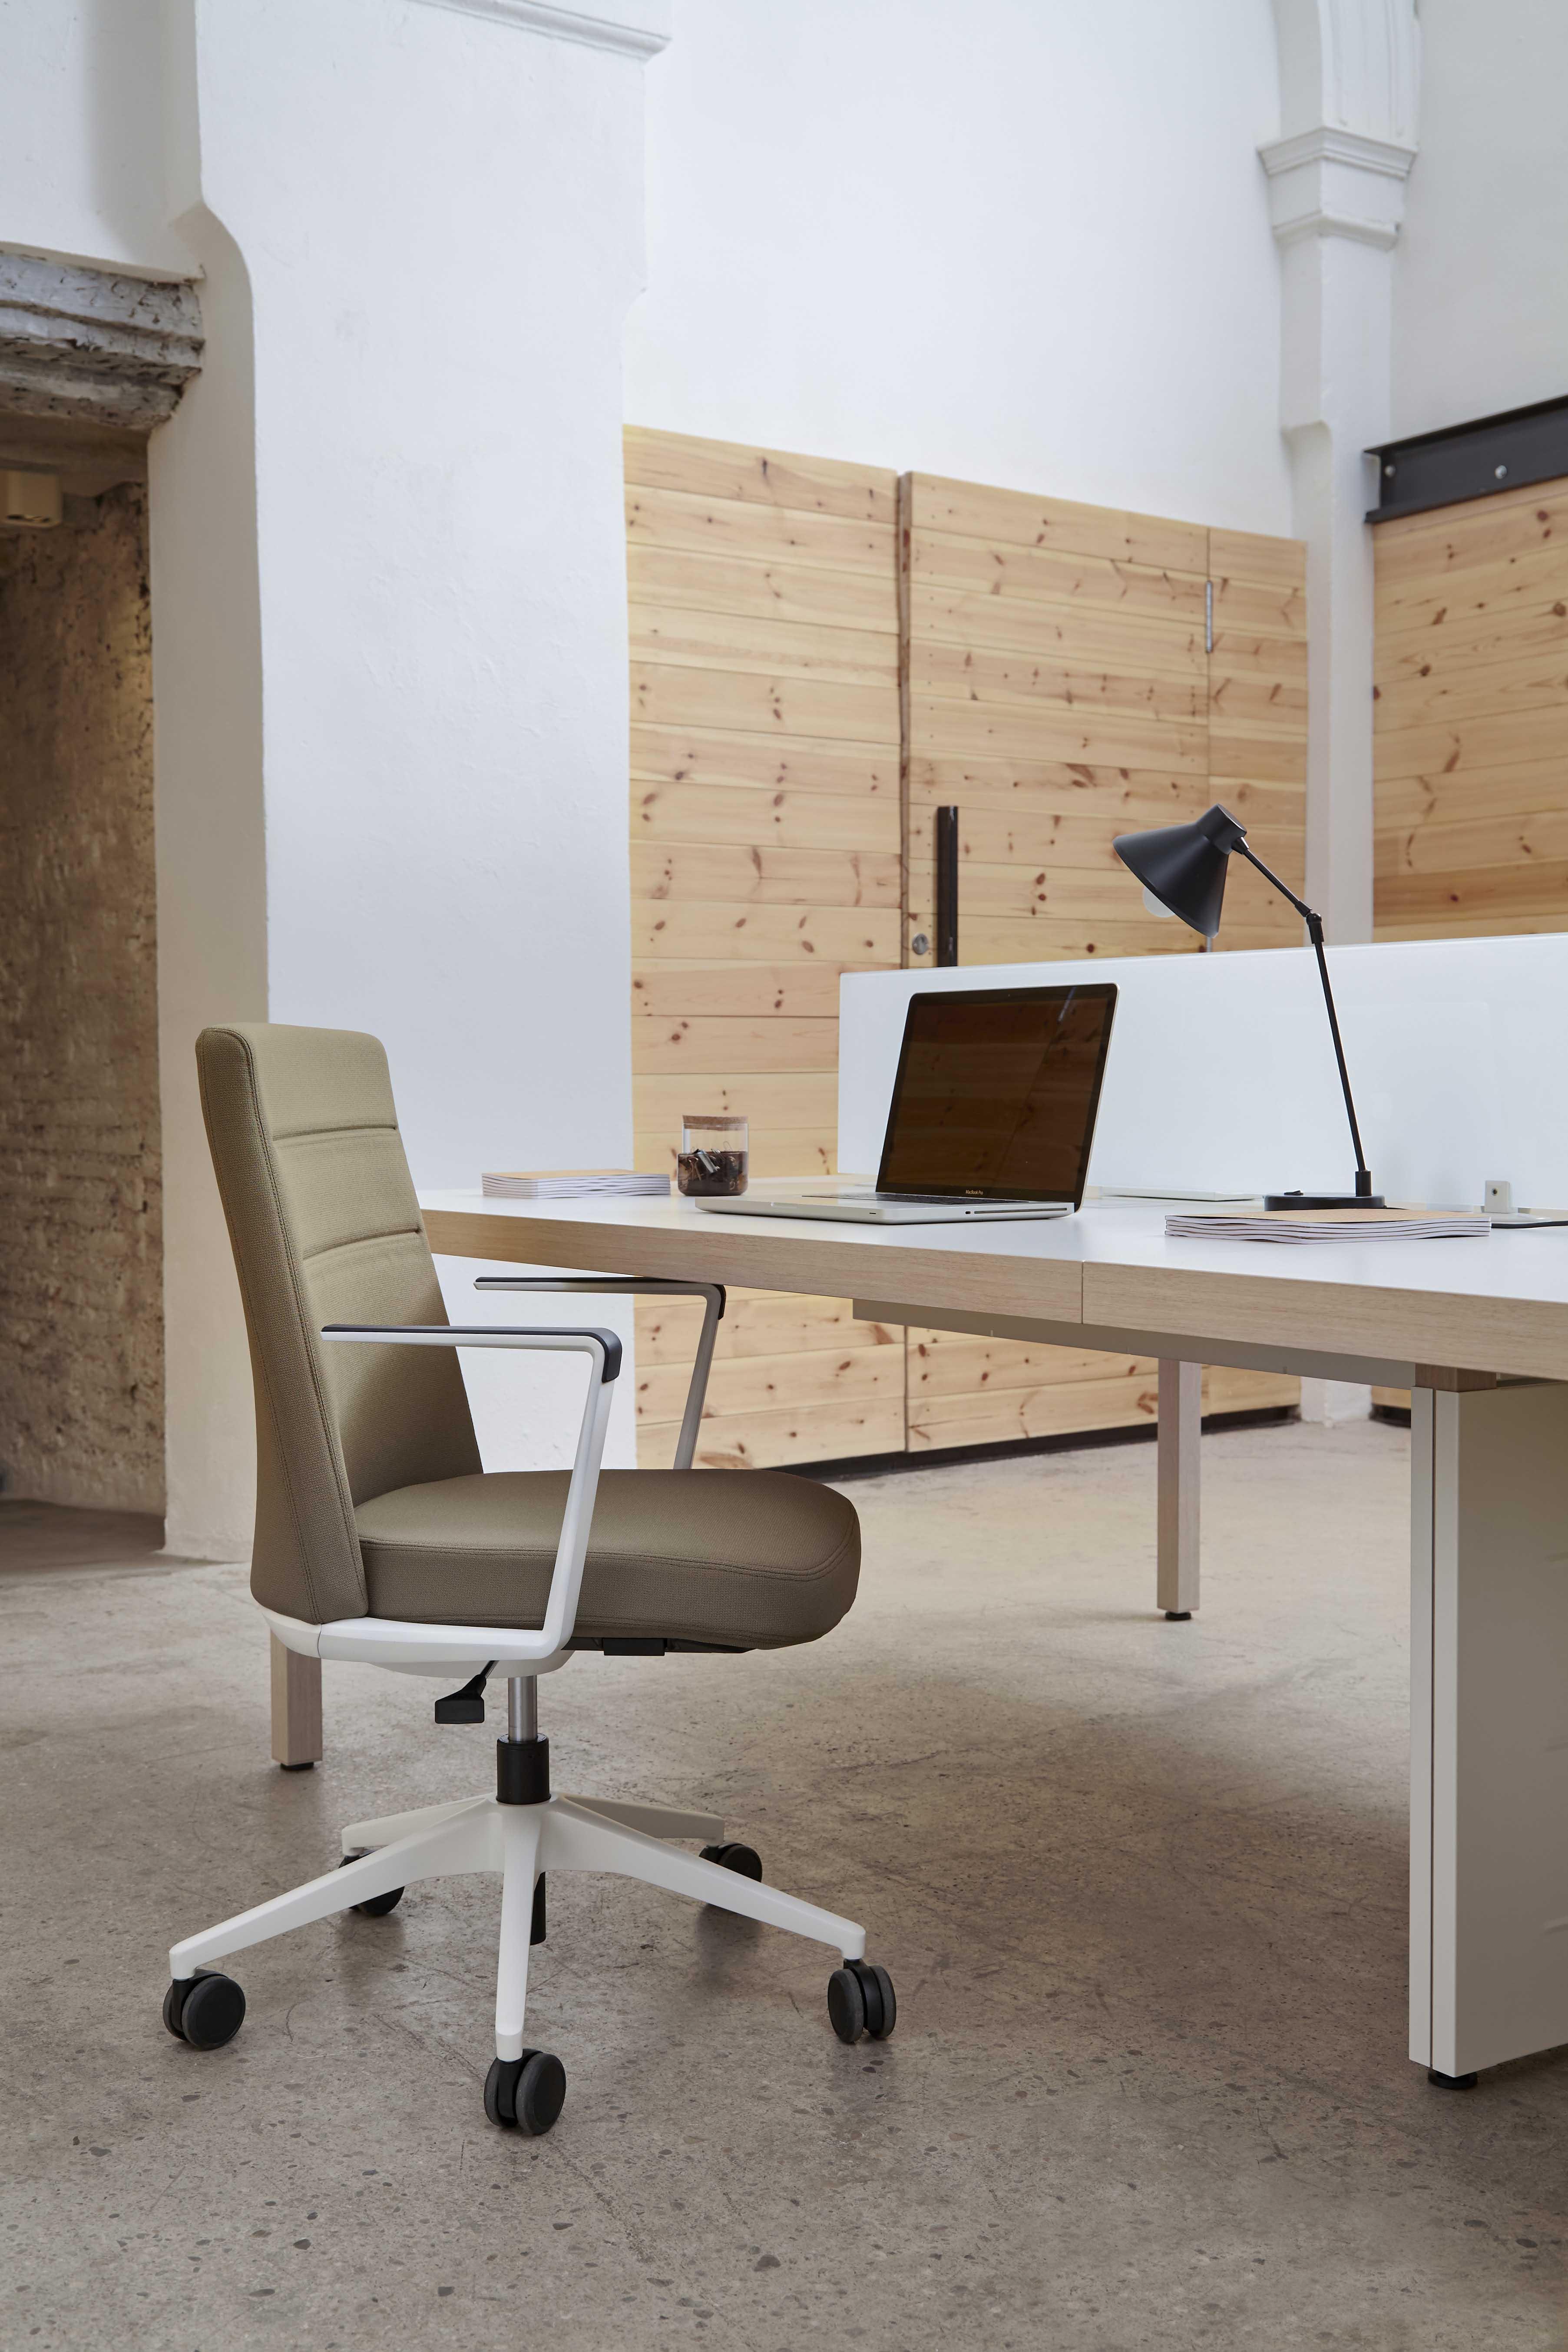 Sillas de despacho cron muebles de oficina spacio - Sillas de despacho ...